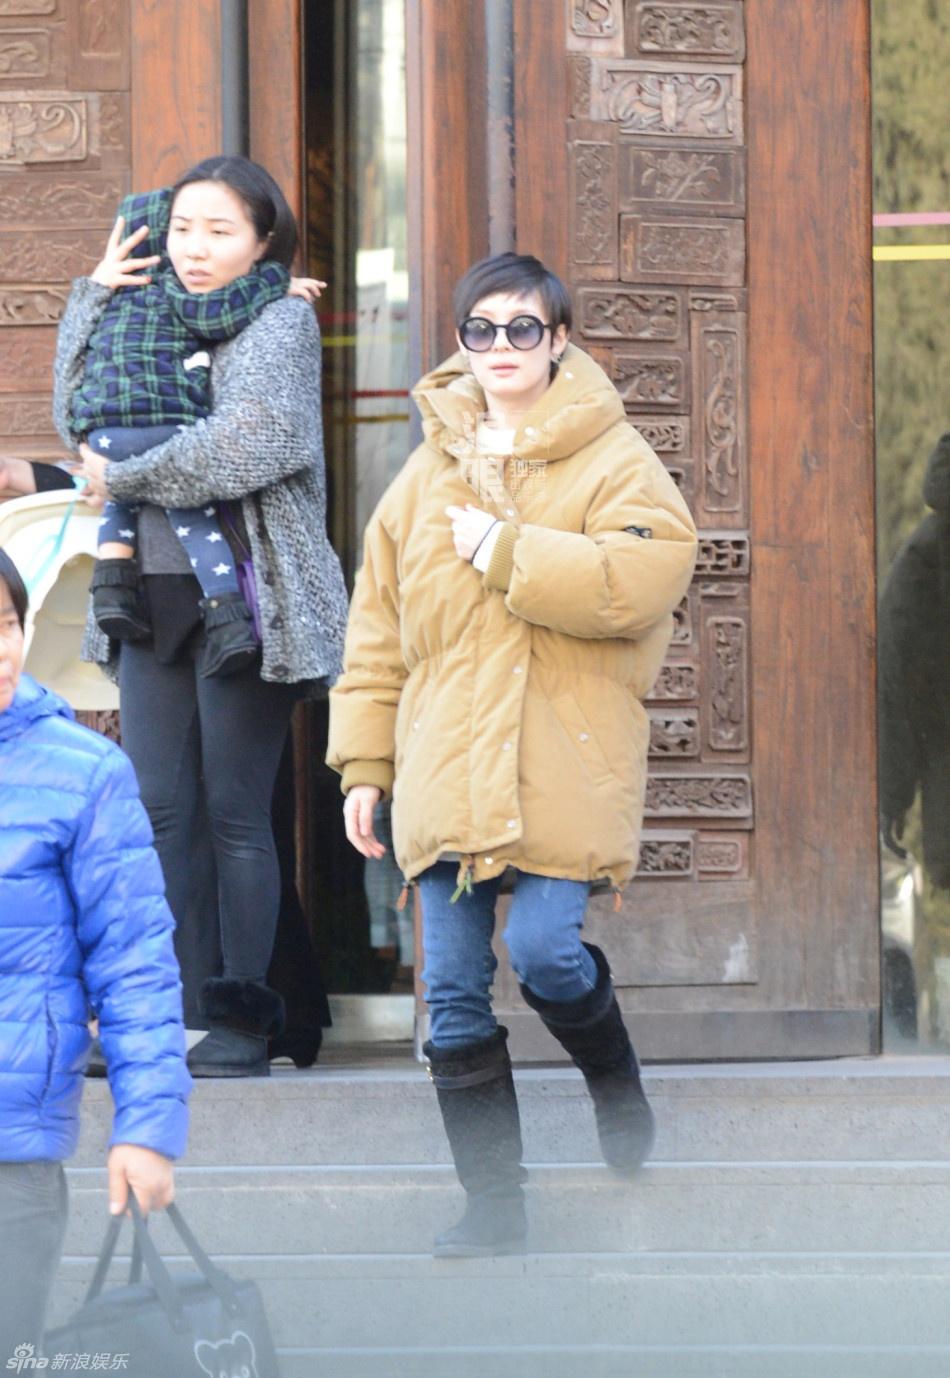 戴着一副深色墨镜,两岁的等等跟在身后,是一位标准的帅气小正太.图片